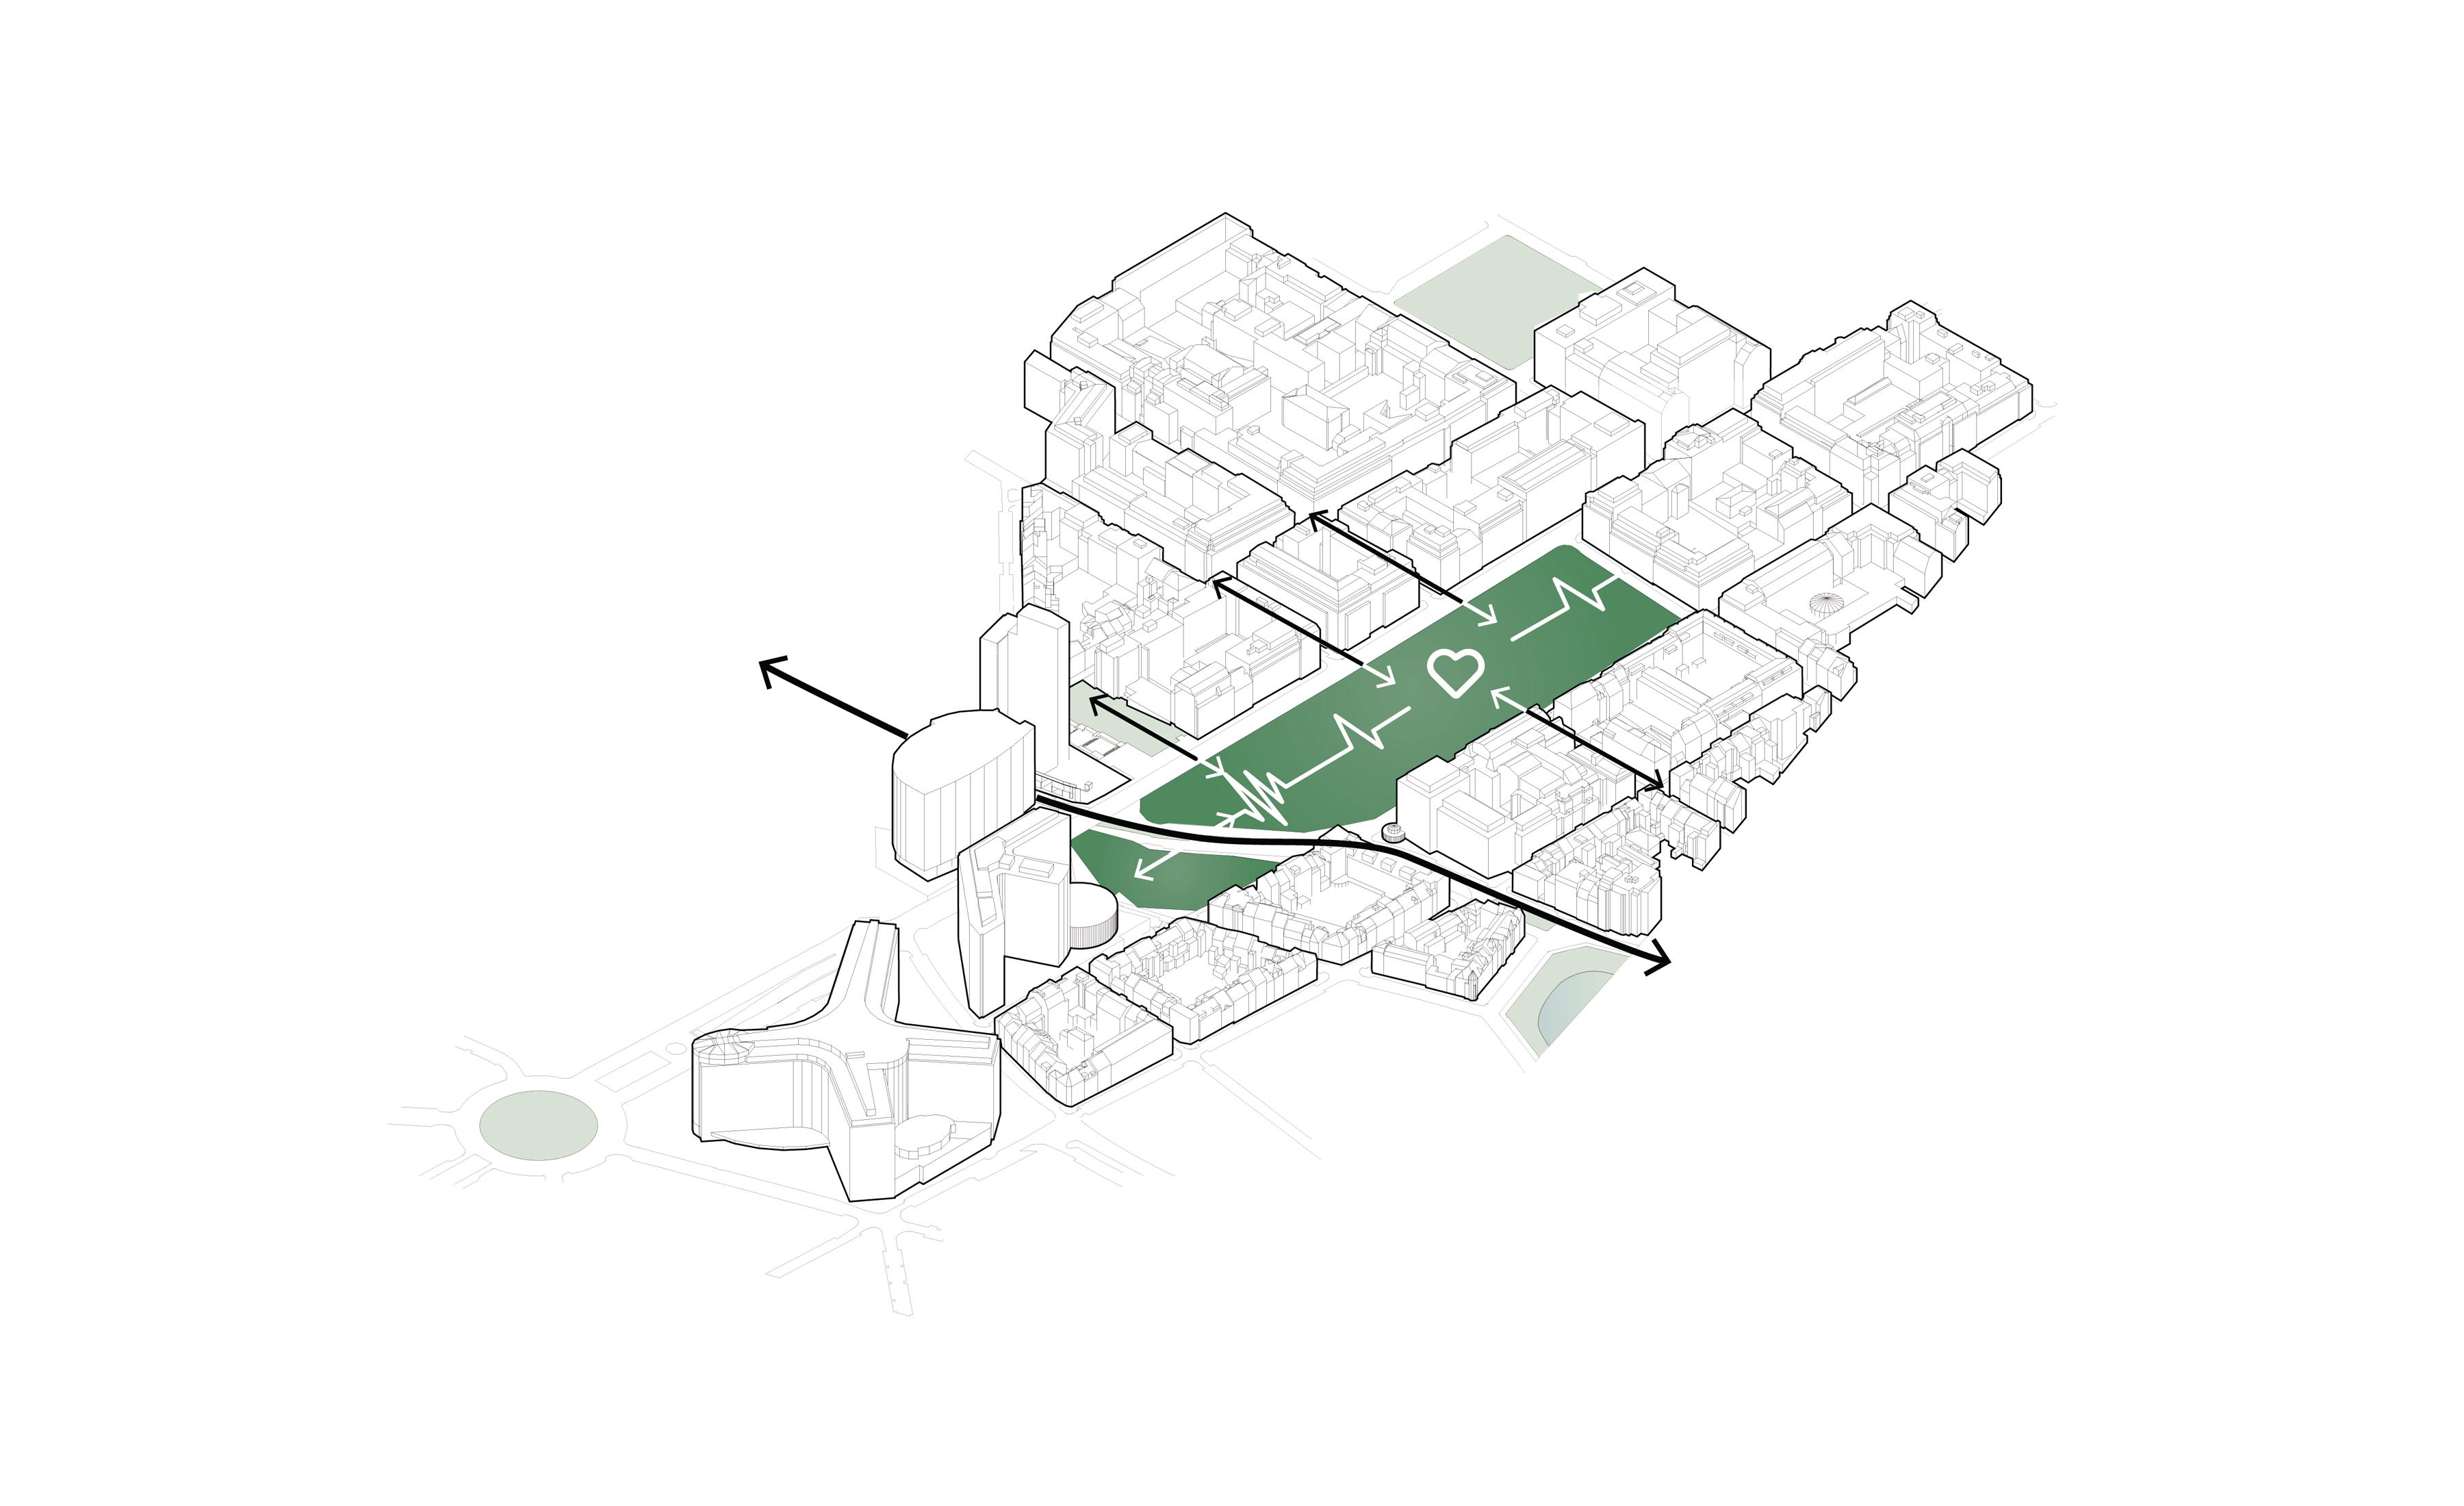 <p>Verbinding van de verschillende buurtgemeenschappen</p>